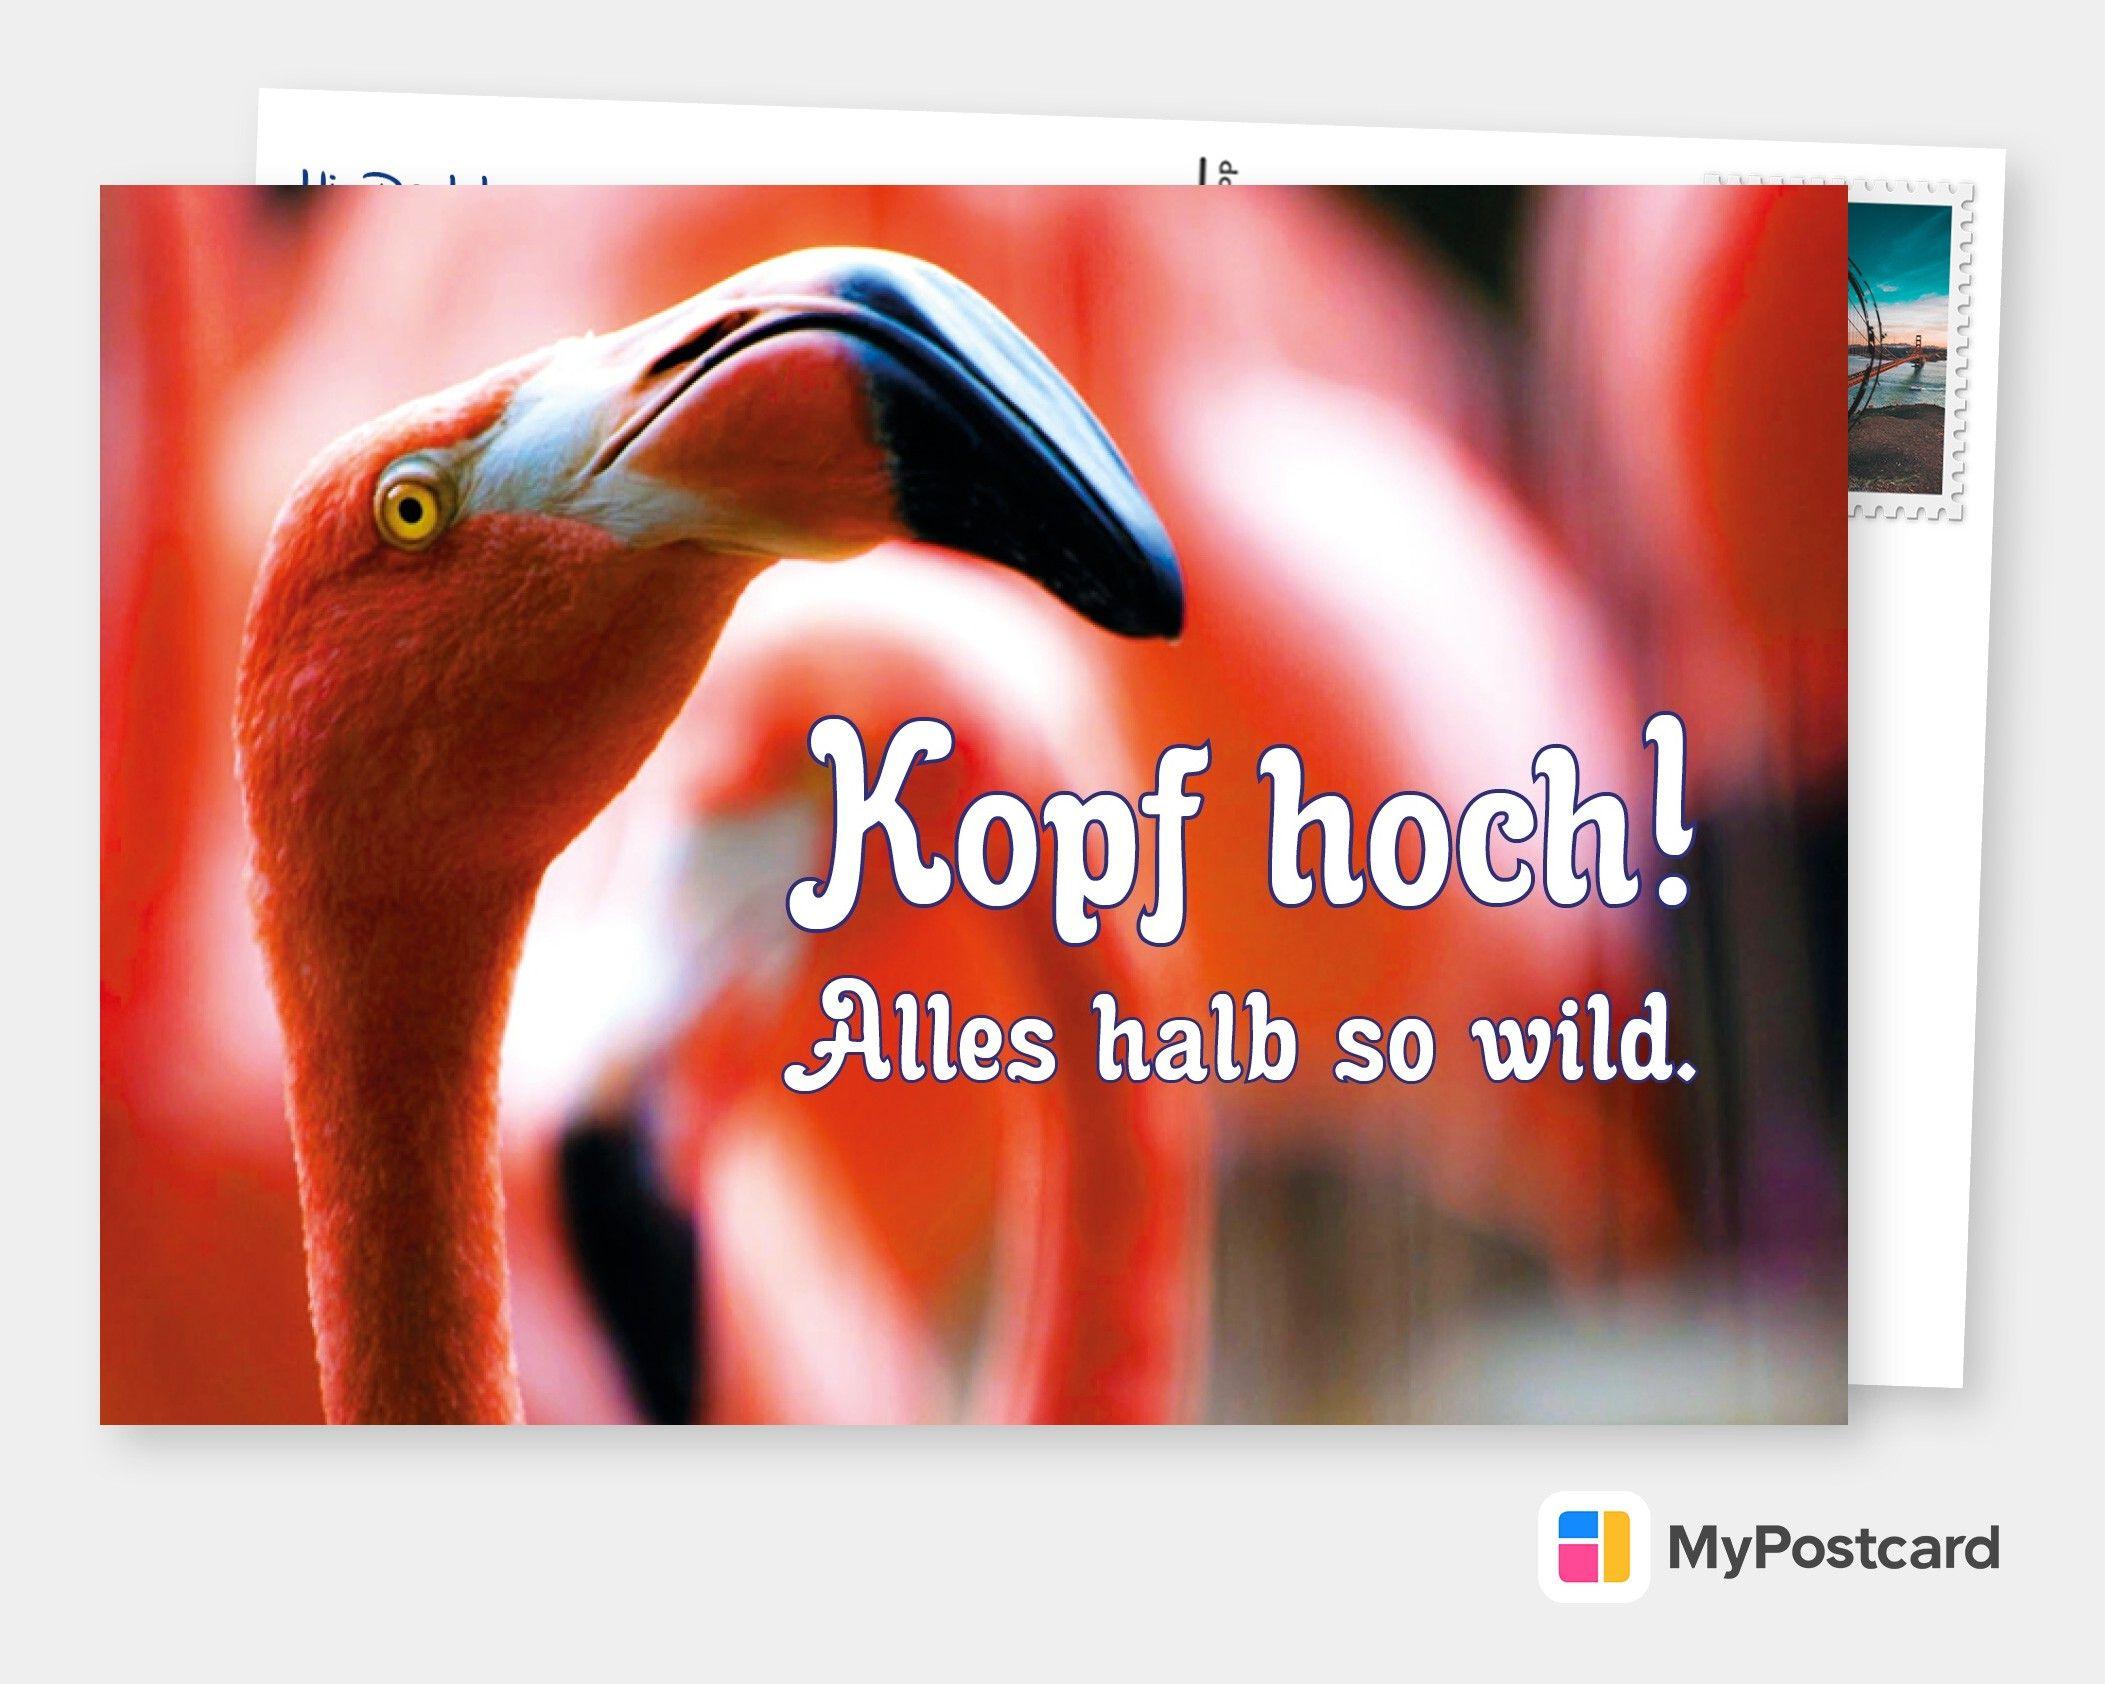 Lade dir die MyPostcard App und sende Grüße an Deine Liebsten! Einfach die Postkarte direkt online oder in der App selbst gestalten und versenden. Wir drucken und verschicken Deine Postkarte direkt an Deine Empfänger weltweit. Zaubere deinen Liebsten ein Lächeln auf's Gesicht und versende eine personalisierte Postkarte, um zu zeigen, dass du an sie denkst! 💌 🌍 Kopf hoch, halb so wild. #MyPostcard #Postkarte #Postkarten #Karte #Karten #Urlaub